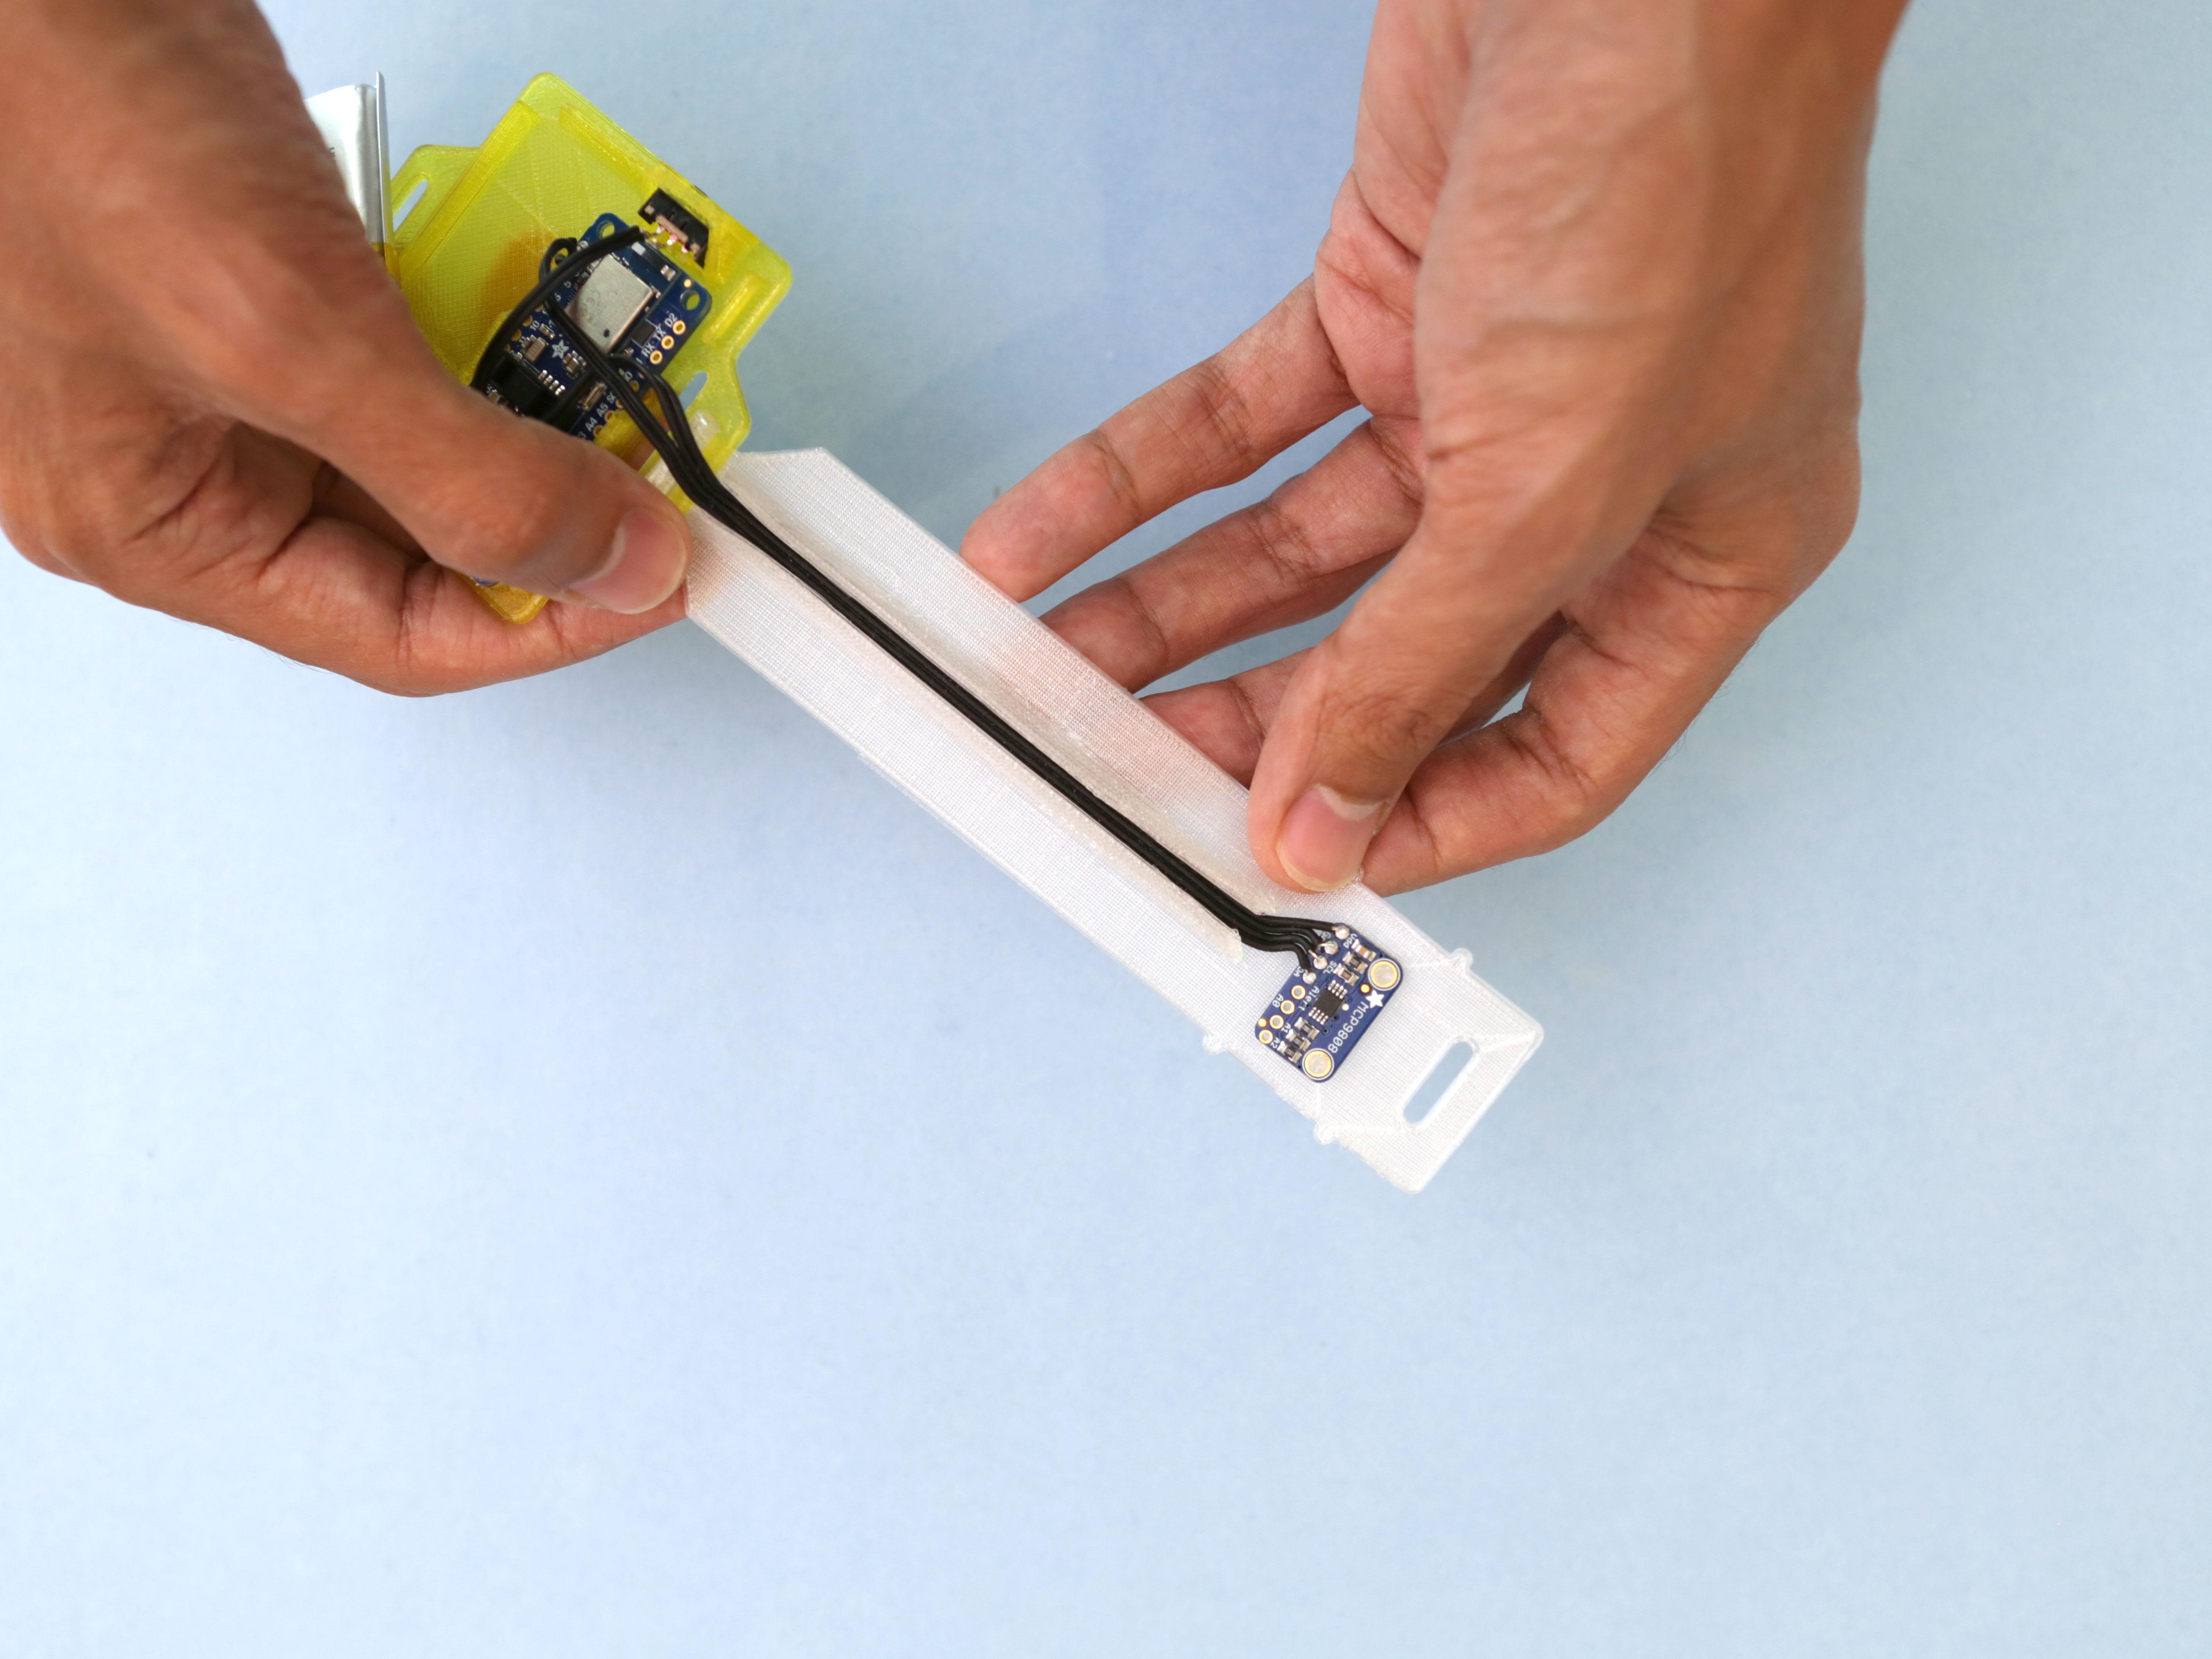 sensors_sensor-wire-strap-installed.jpg